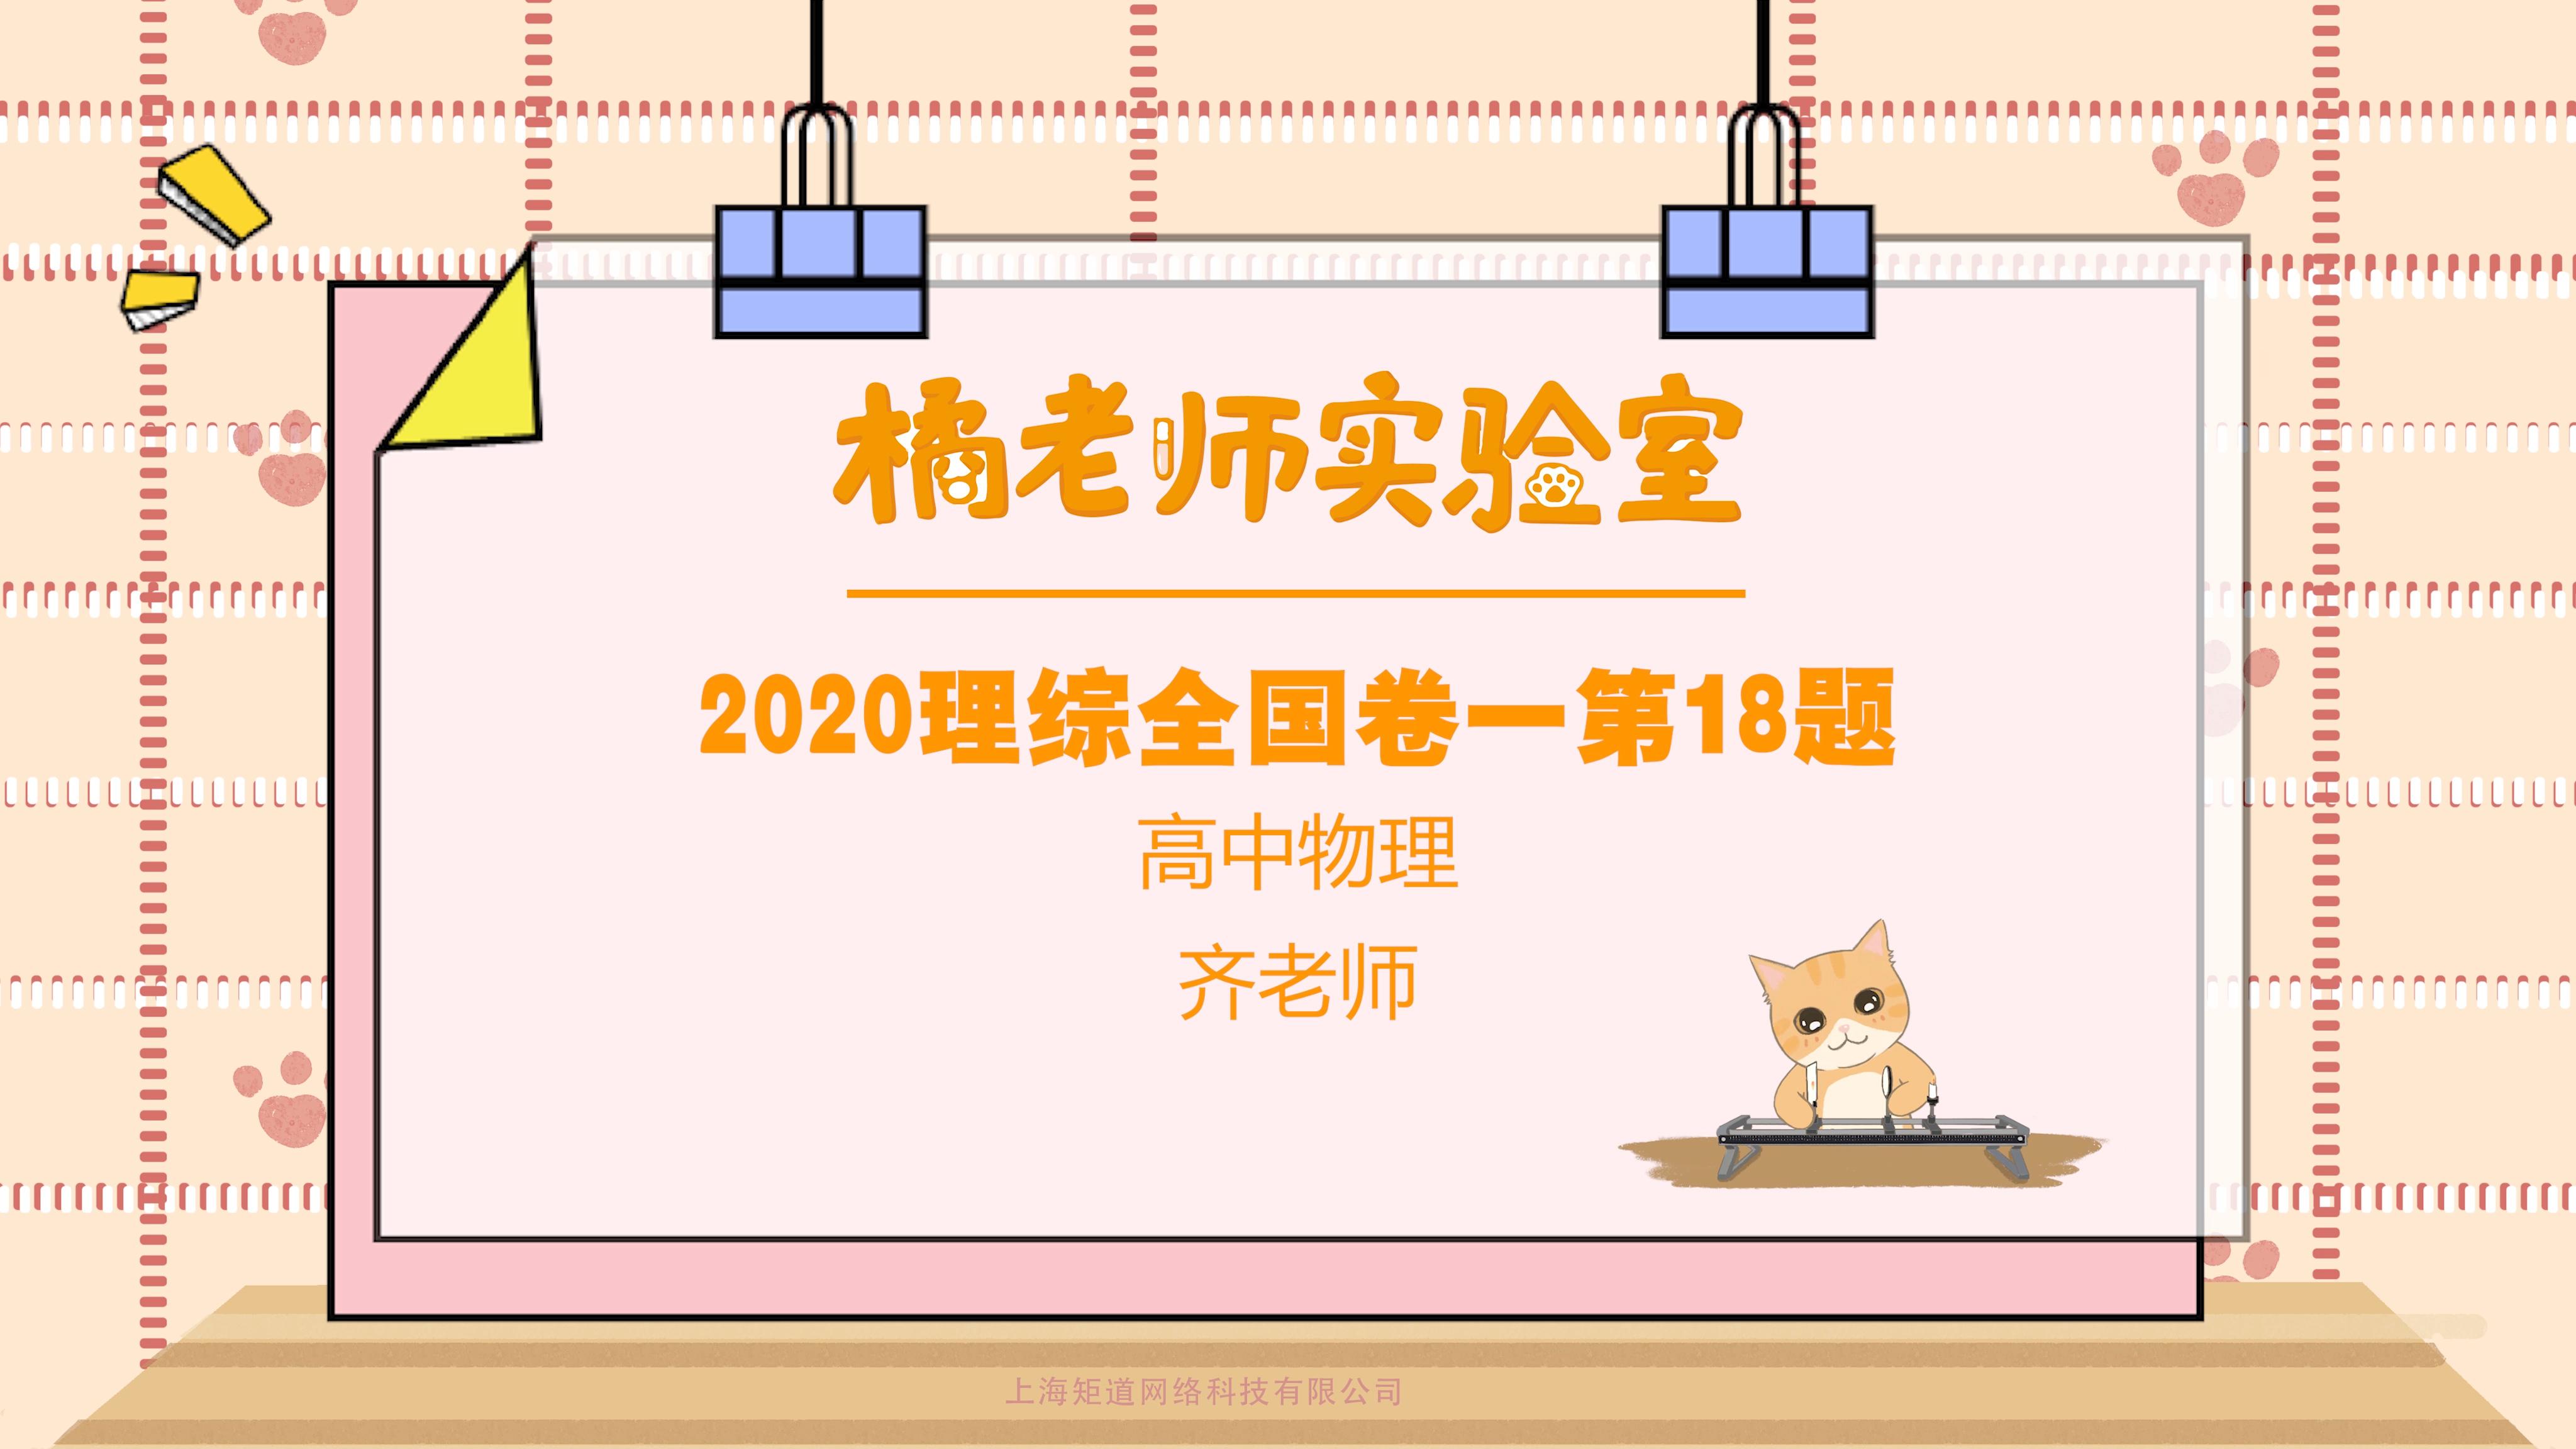 第一百七十二期:《2020理综全国卷一第18题》